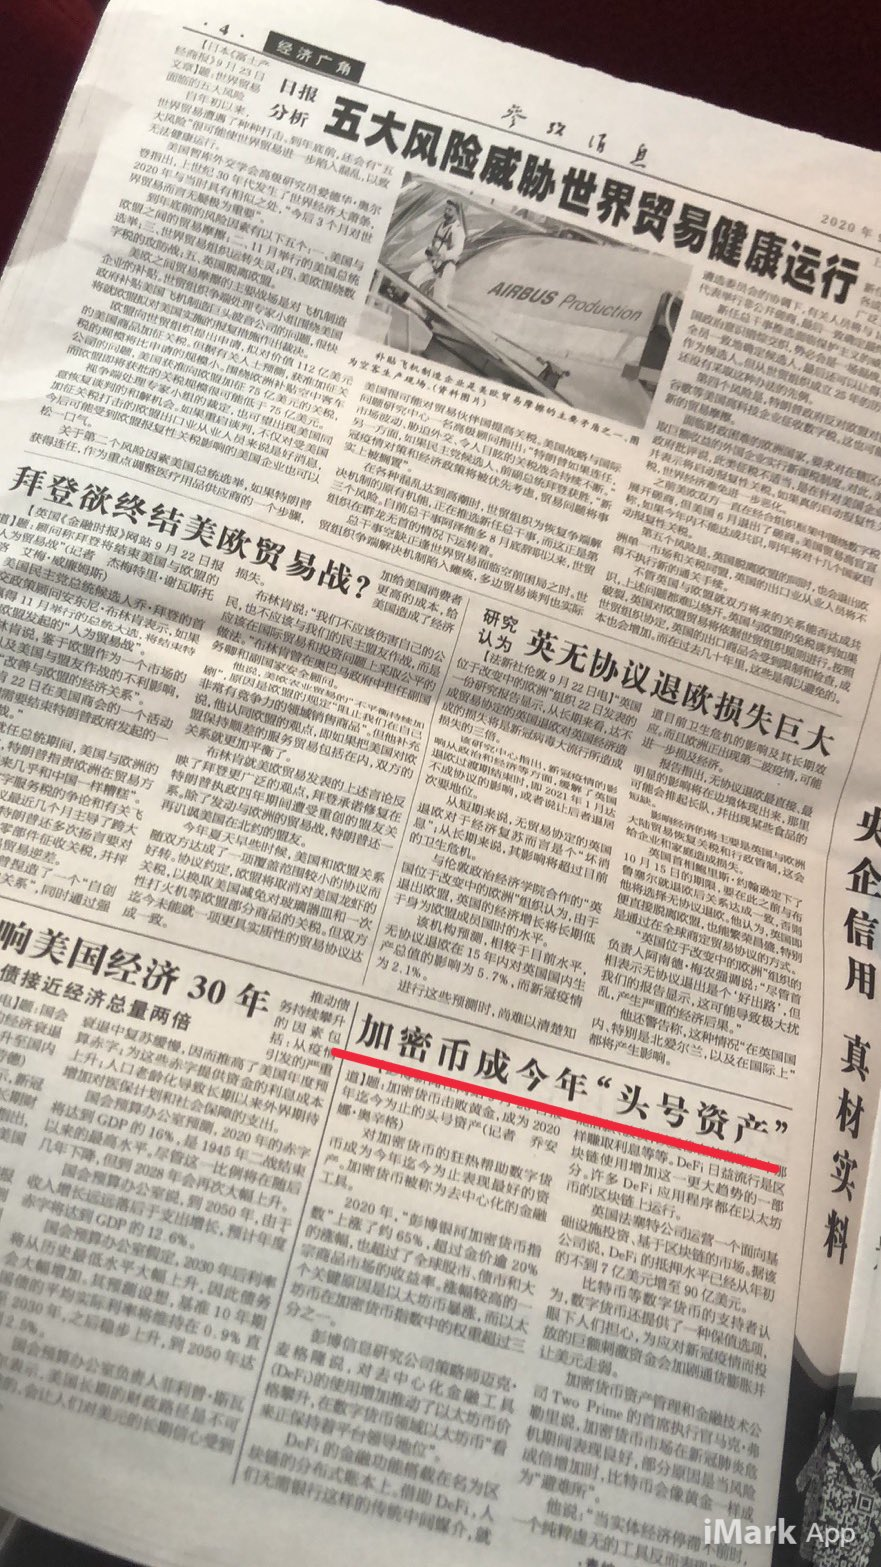 Jornal chinês falando sobre criptoativos